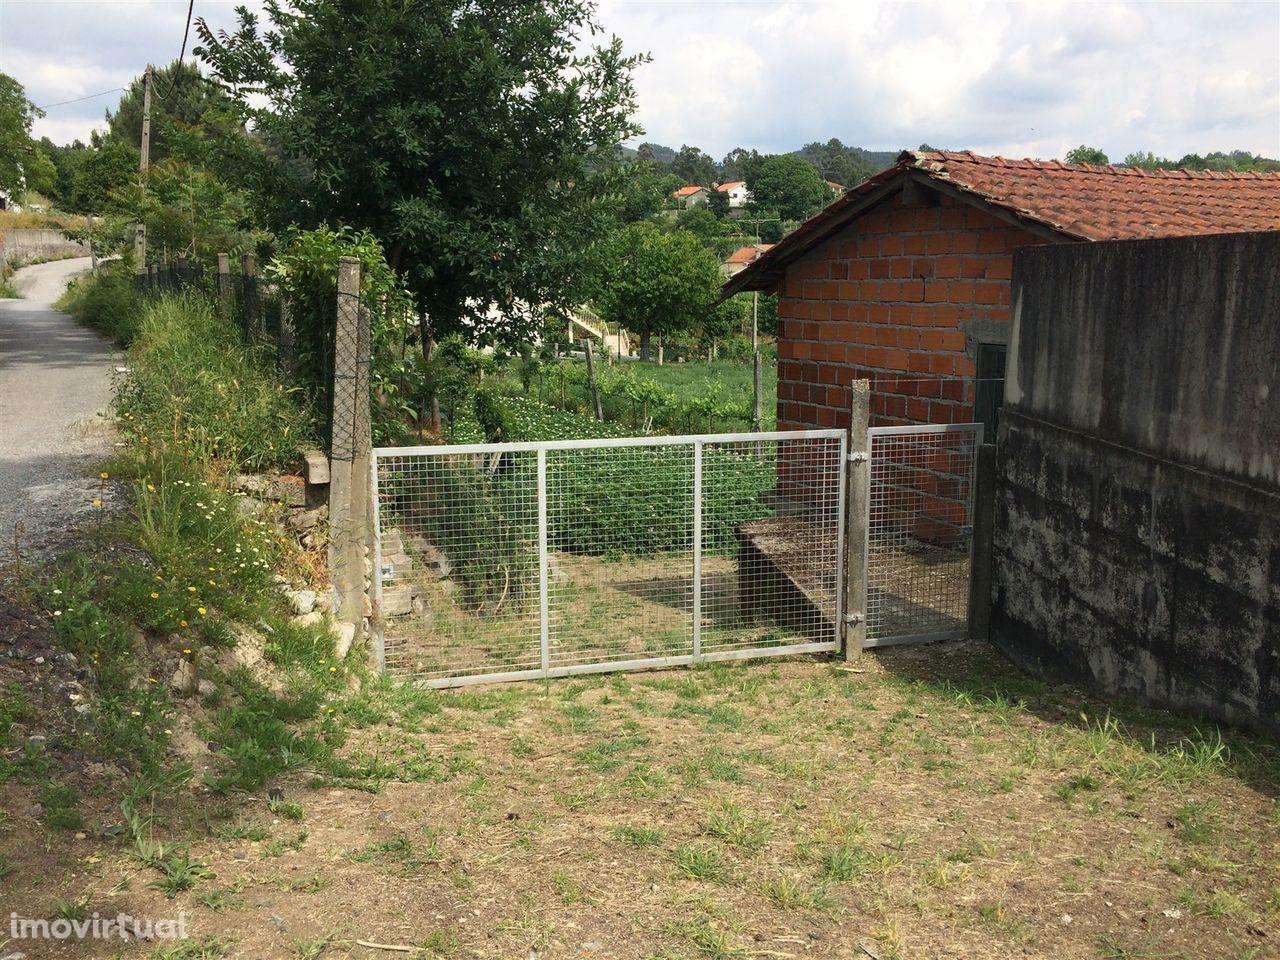 Terreno para comprar, Sande, Vilarinho, Barros e Gomide, Braga - Foto 5